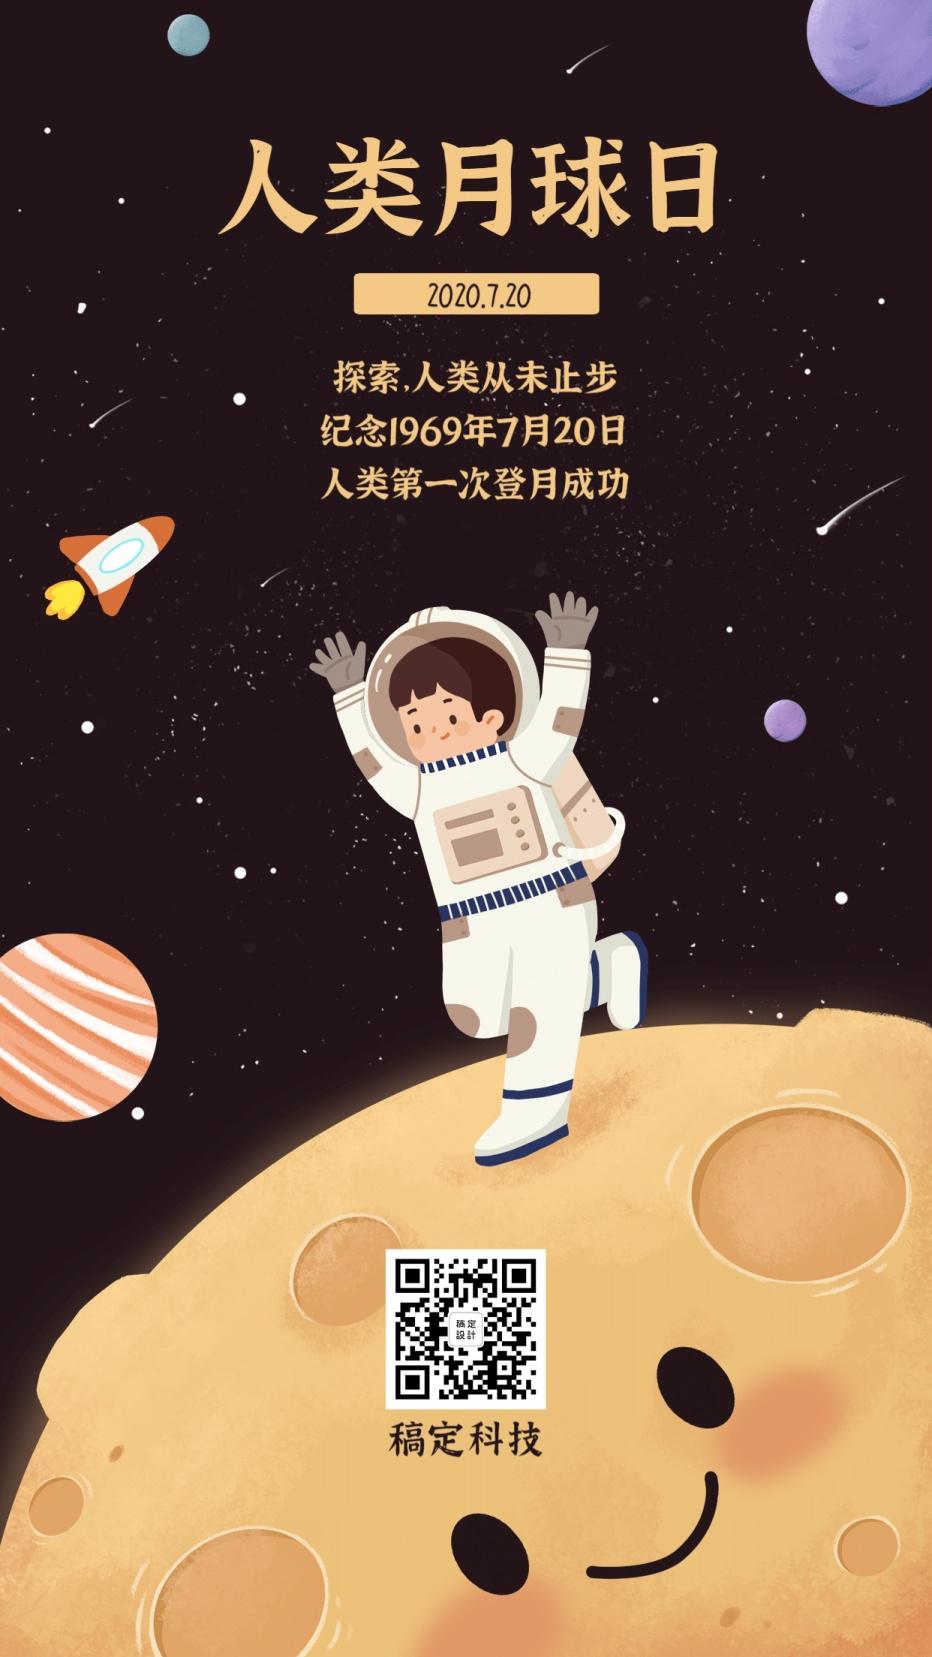 人类月球日月亮航天插画手机海报